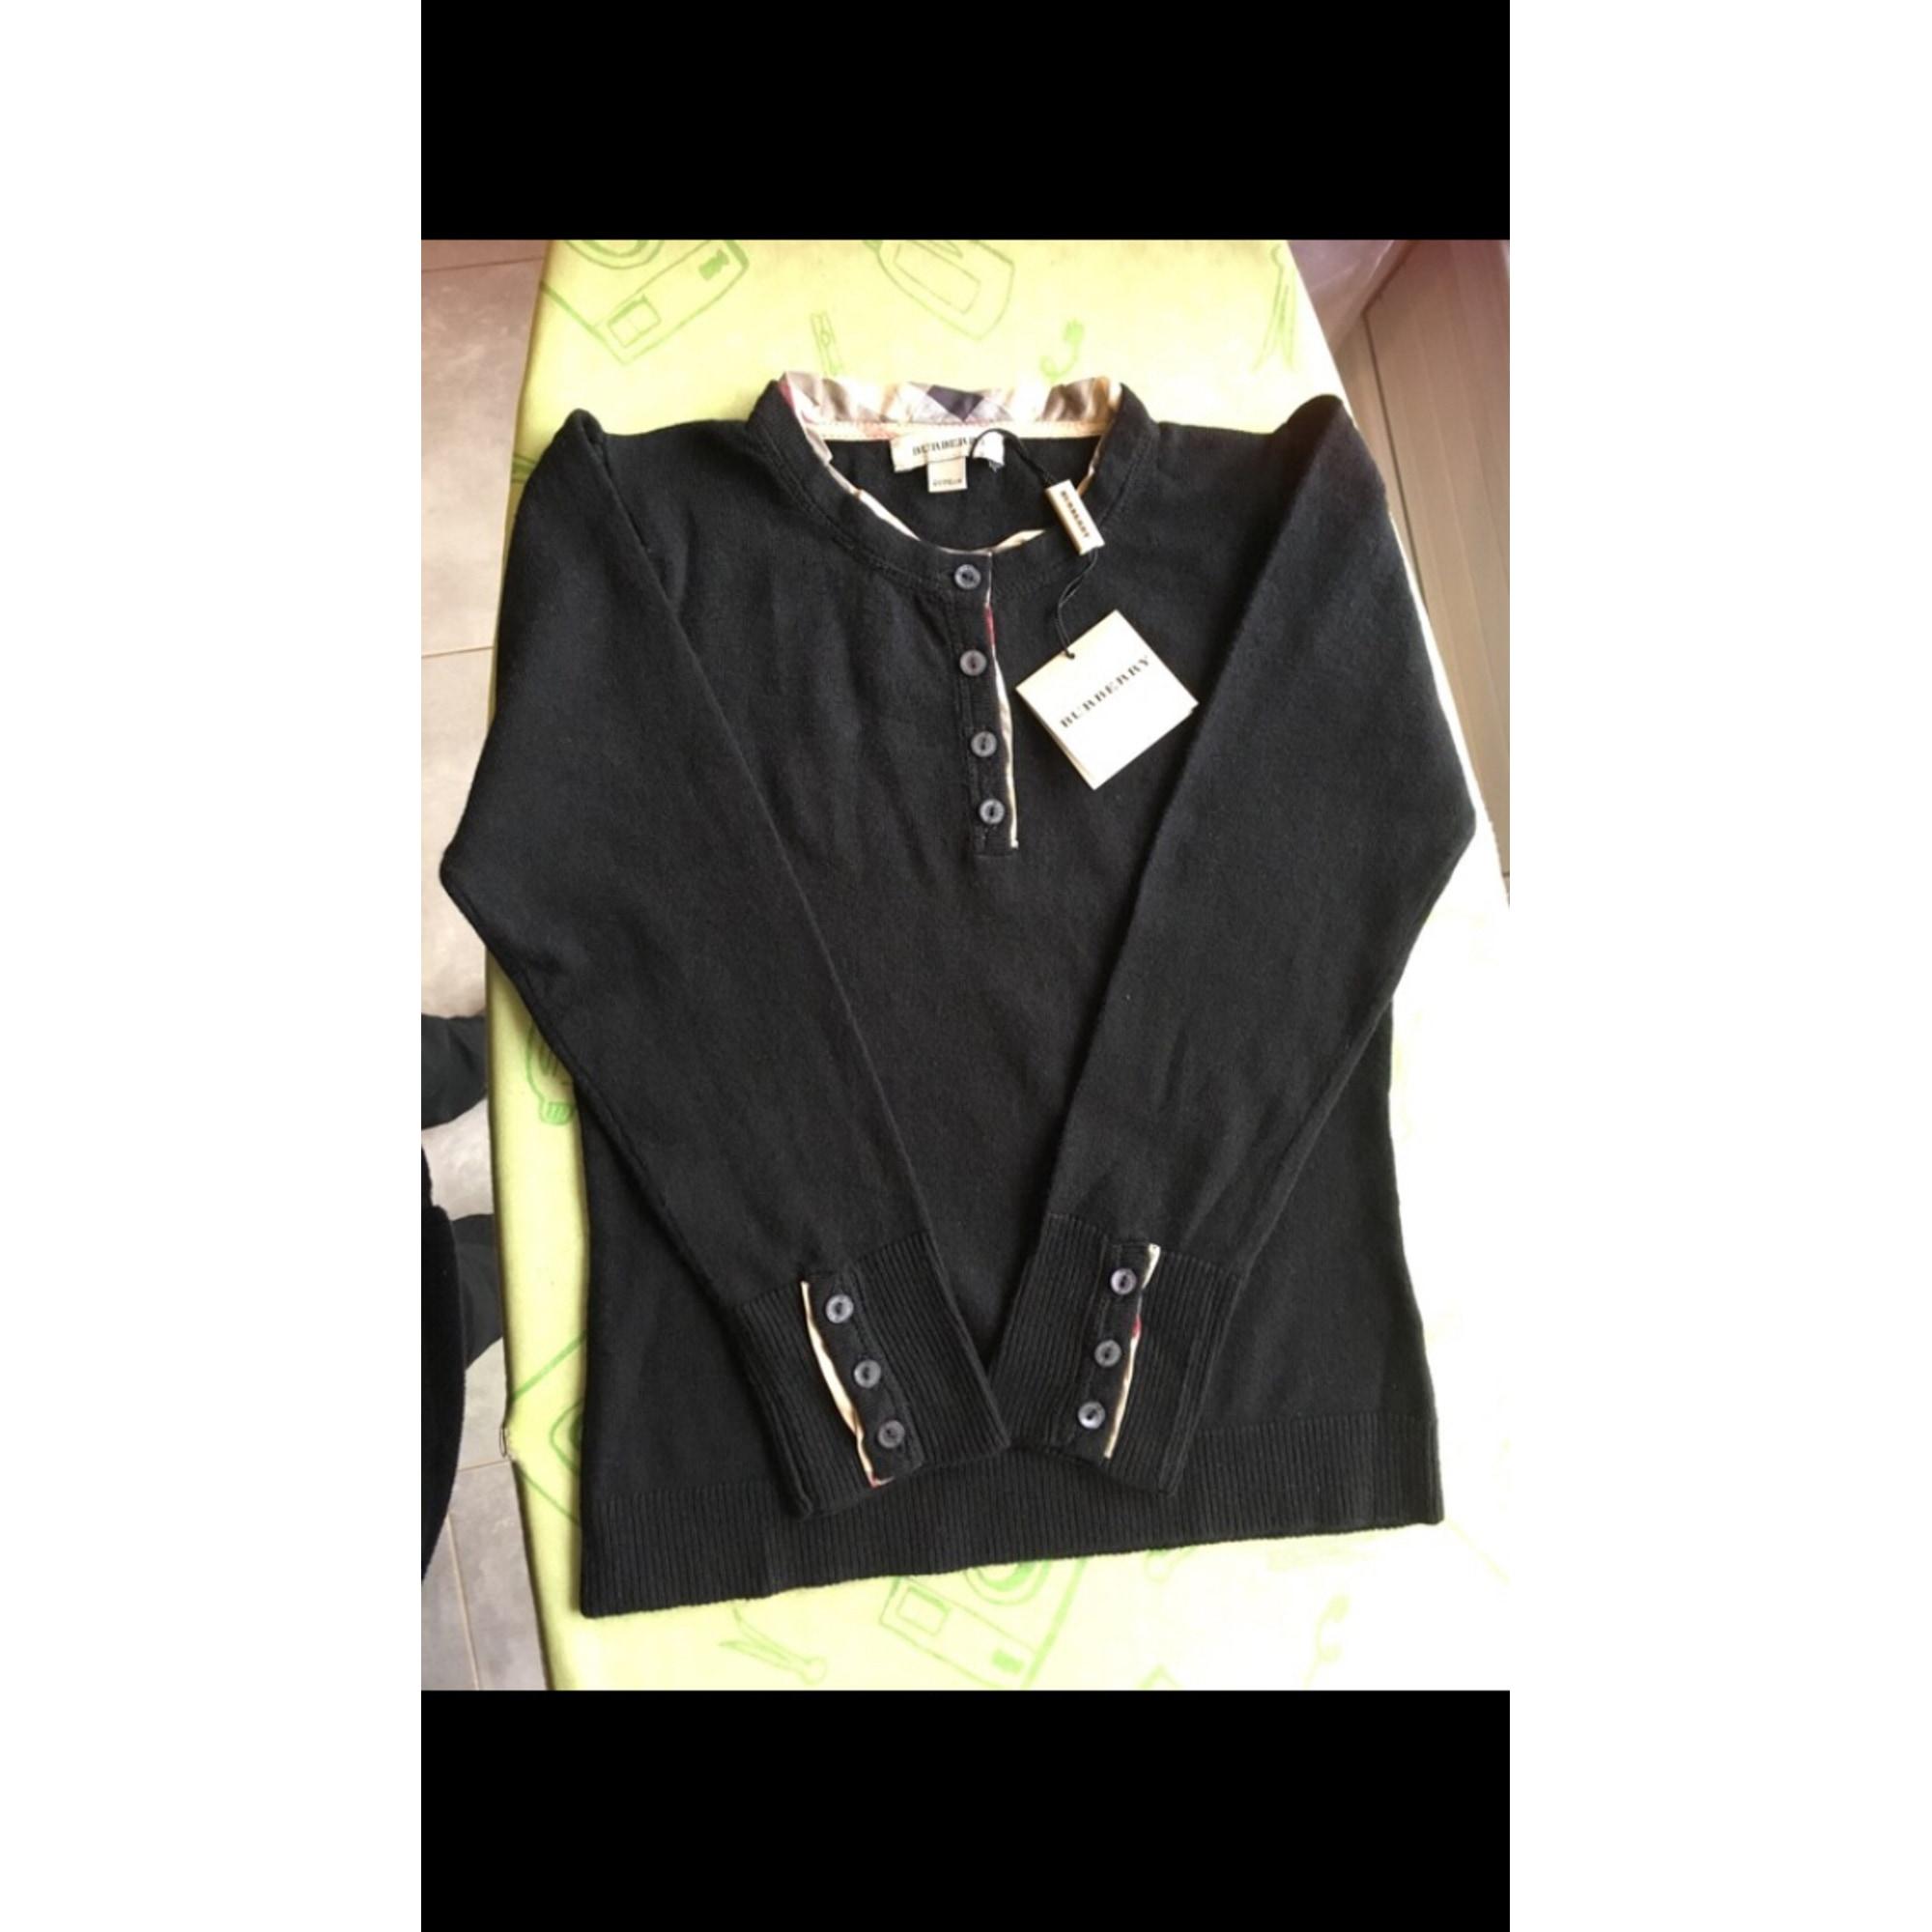 Pull BURBERRY coton, cashmere noir 6 ans